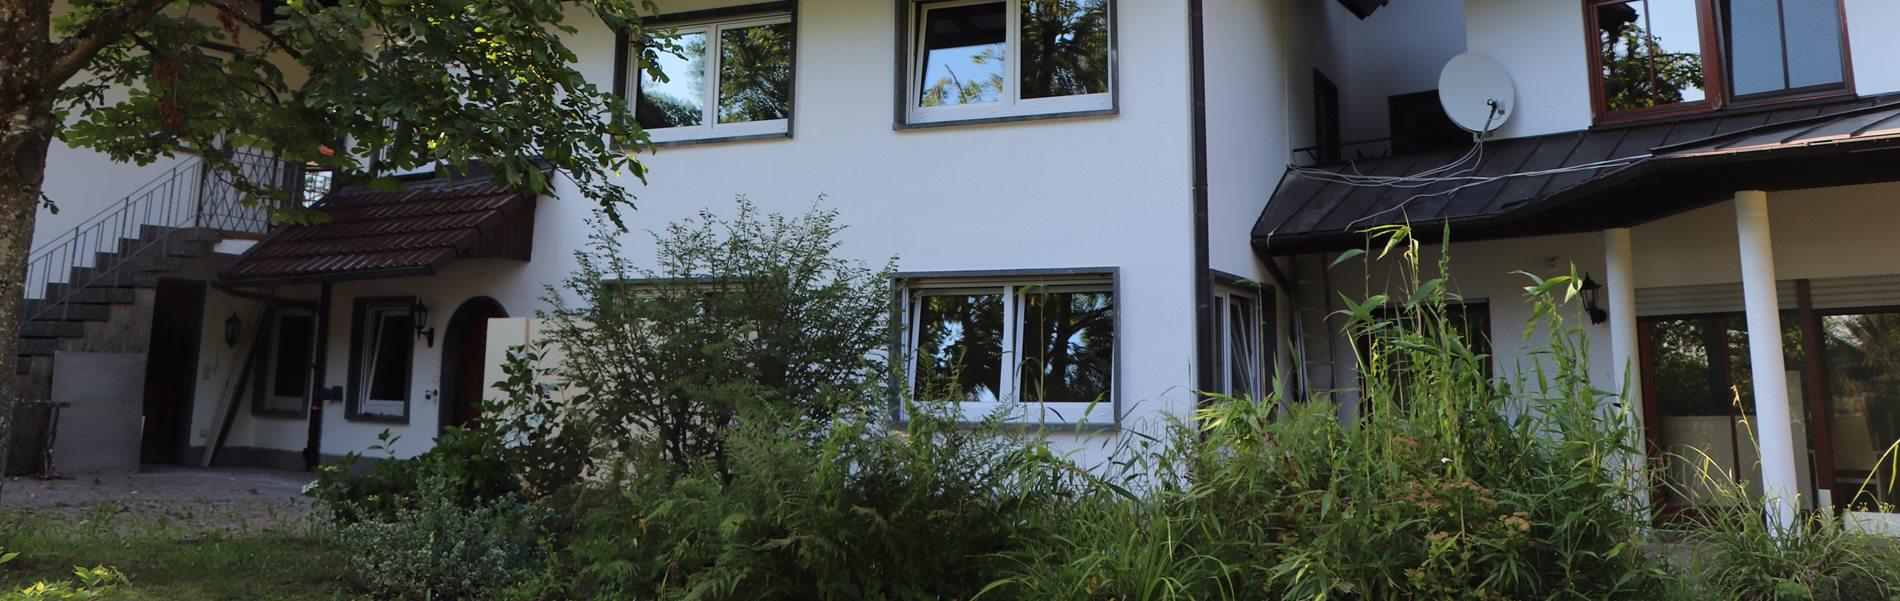 wohnung-fuenf-sommer-wohnpark-schwarzwald